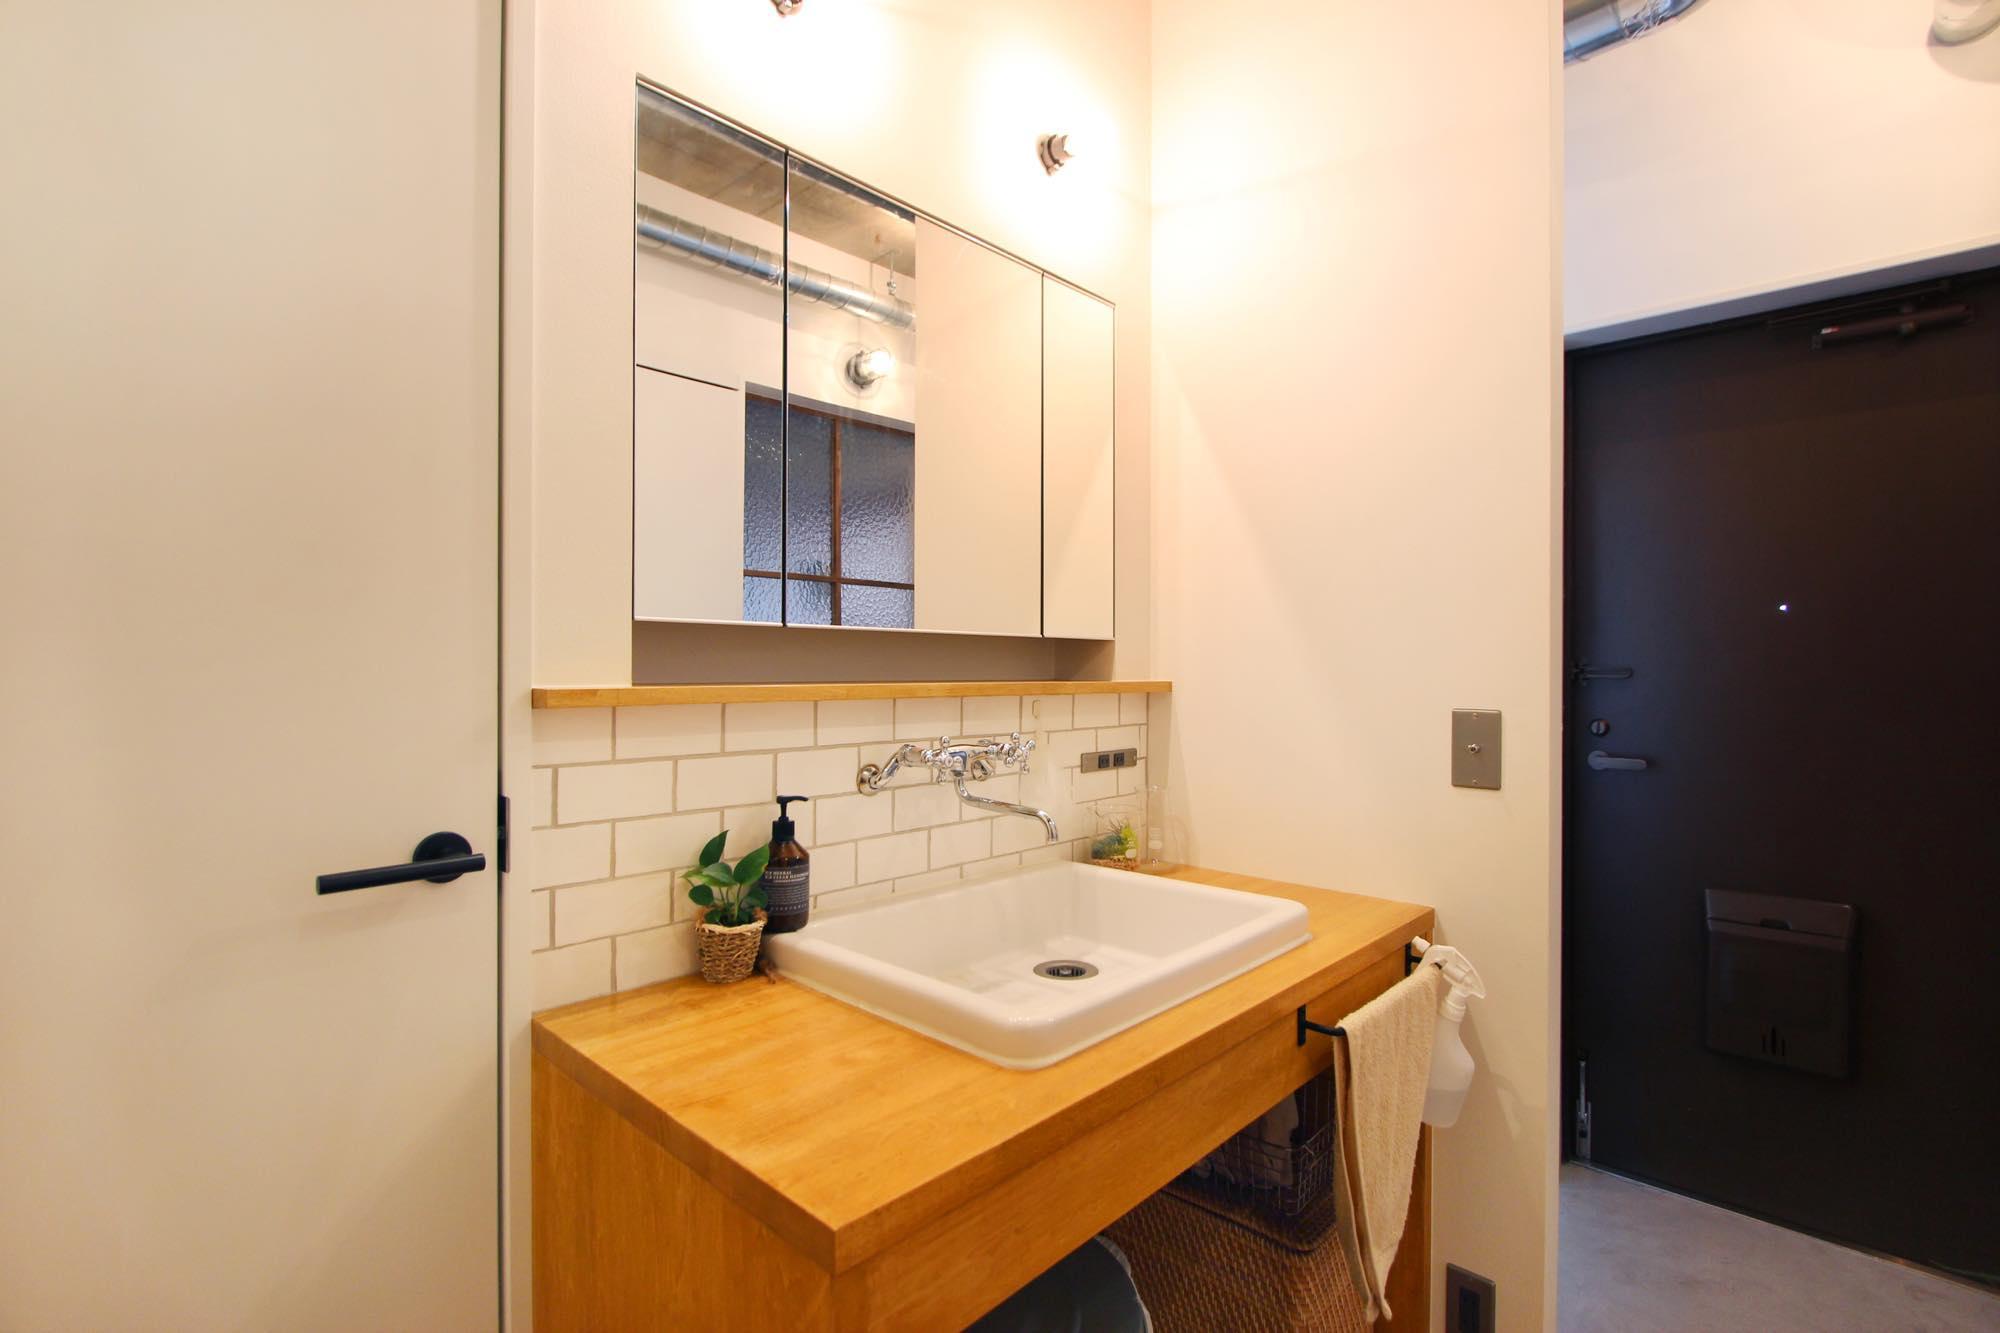 玄関を開けてすぐに位置する、扉のないオープンな洗面スペース。